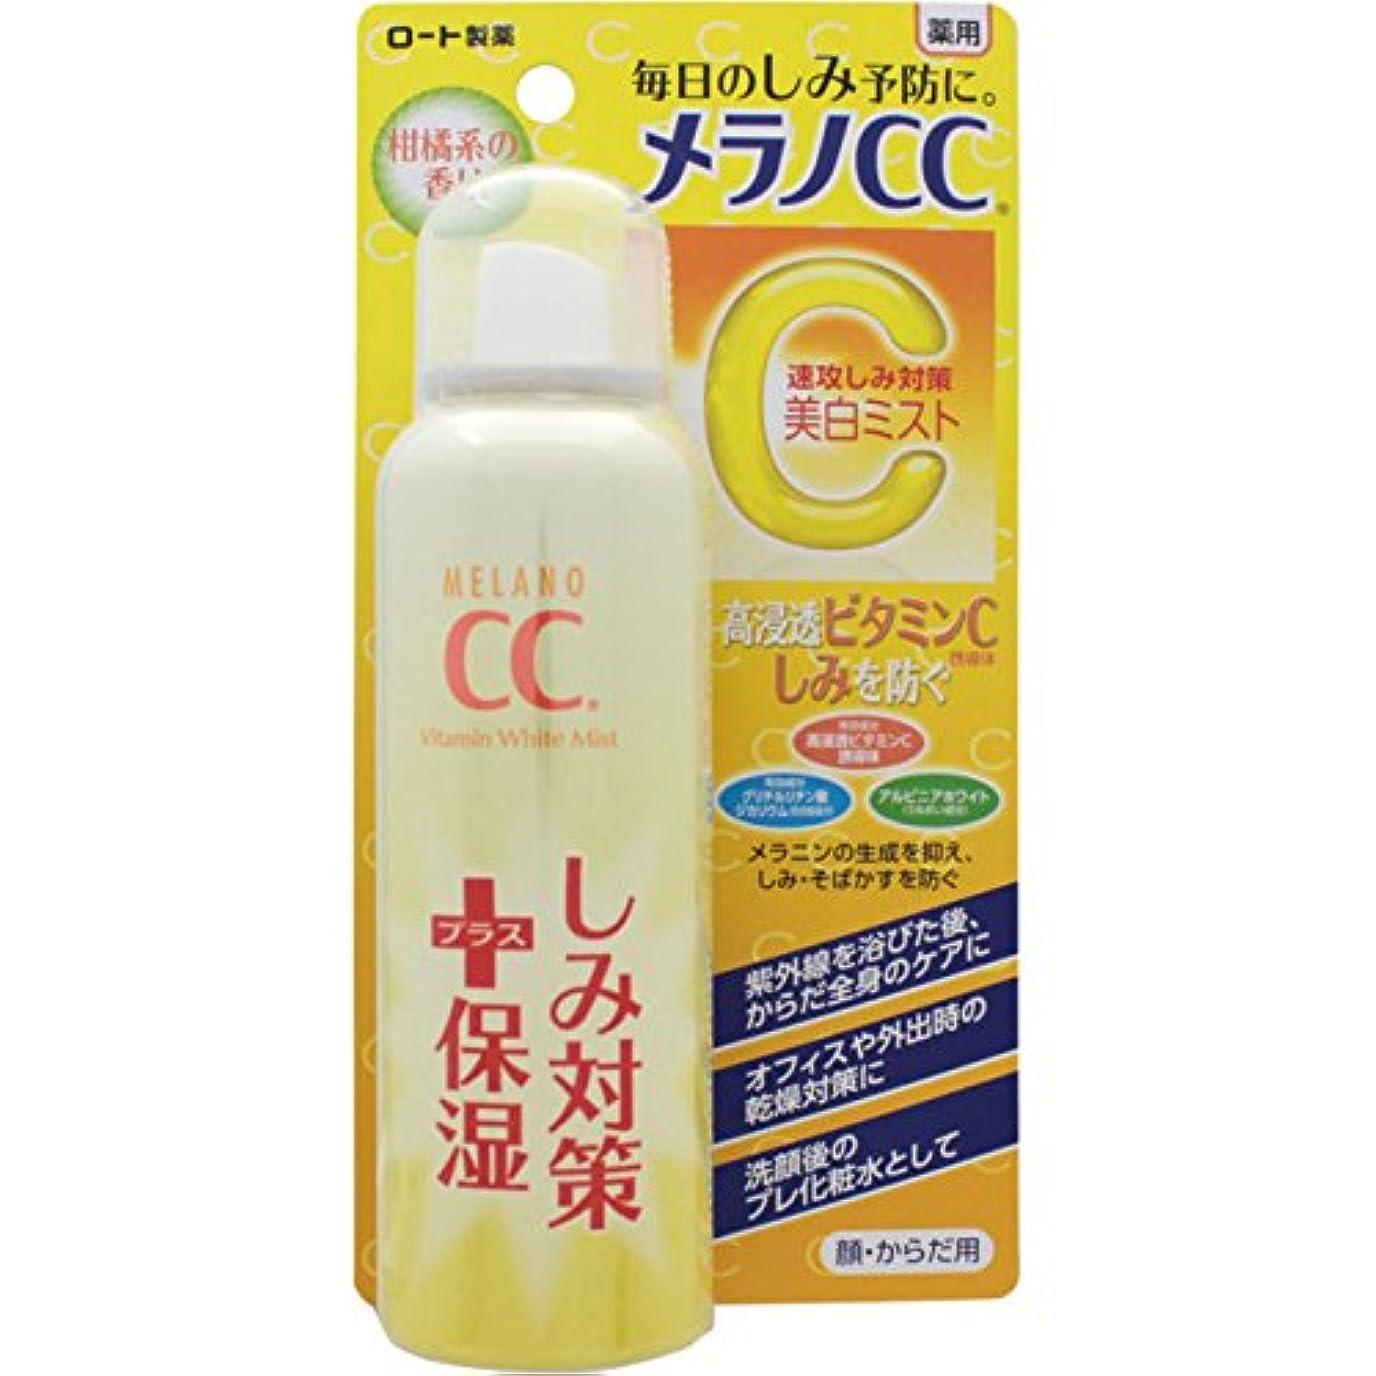 若い申込み攻撃的【医薬部外品】メラノCC 薬用しみ対策 美白ミスト化粧水 100g